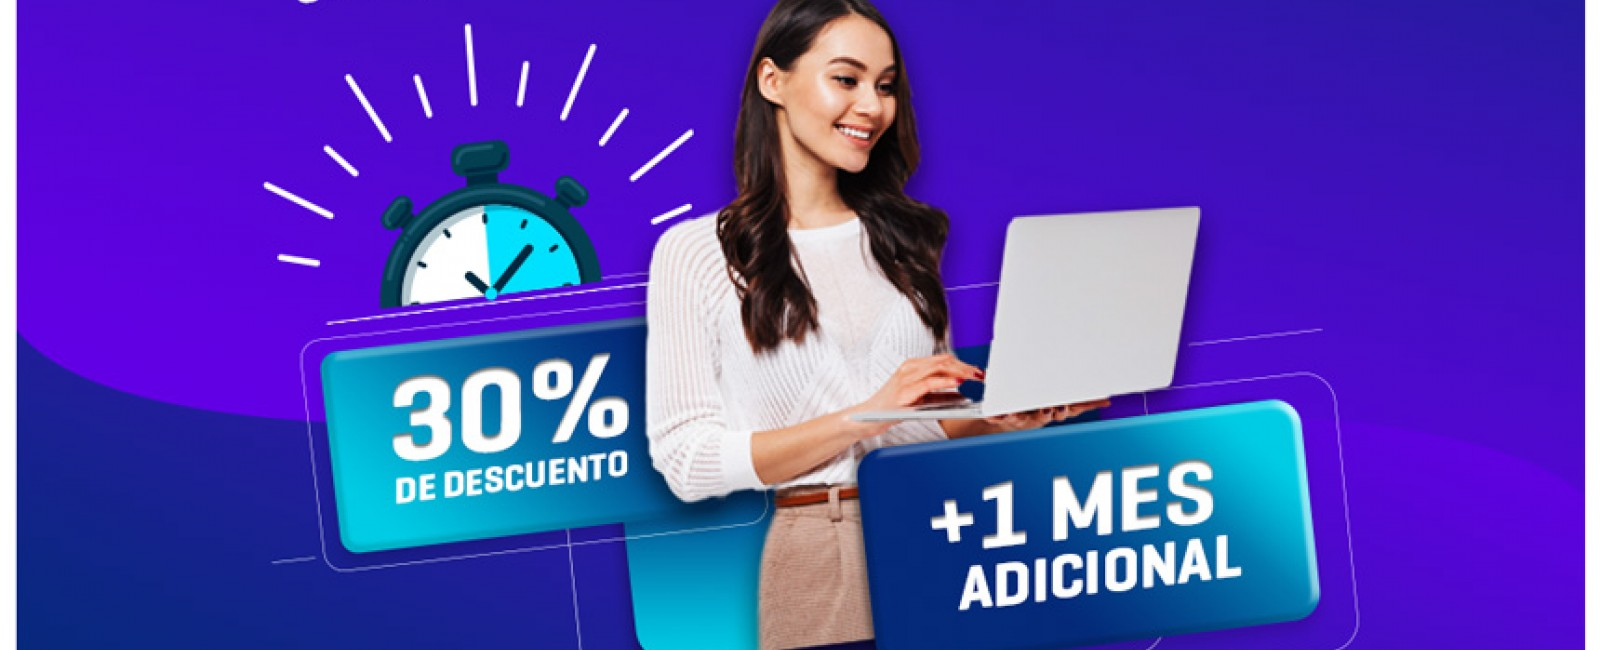 Cámbiate de licencia tradicional a anual y obtén 30% Descuento + 1 Mes Adicional!!